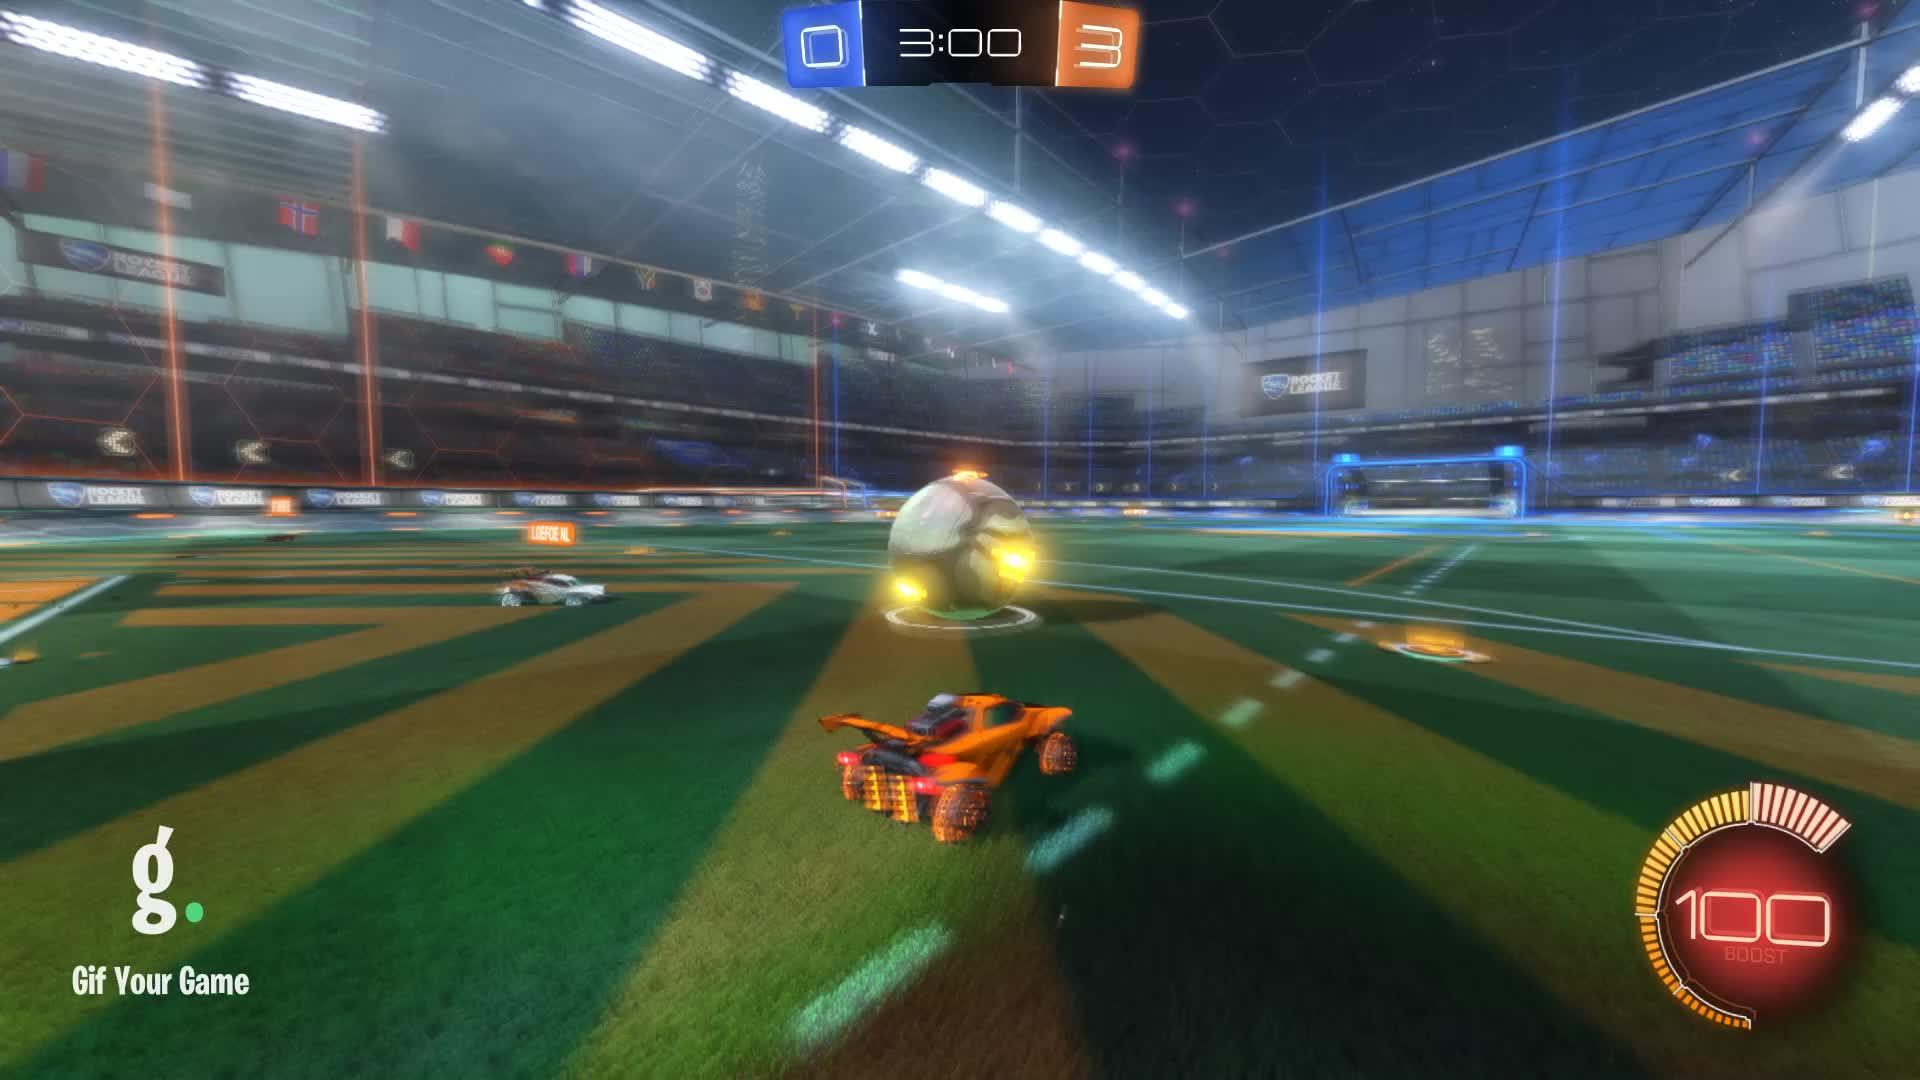 Gif Your Game, GifYourGame, Rocket League, RocketLeague, Shot, tziortas, Shot 8: Loefoe NL GIFs